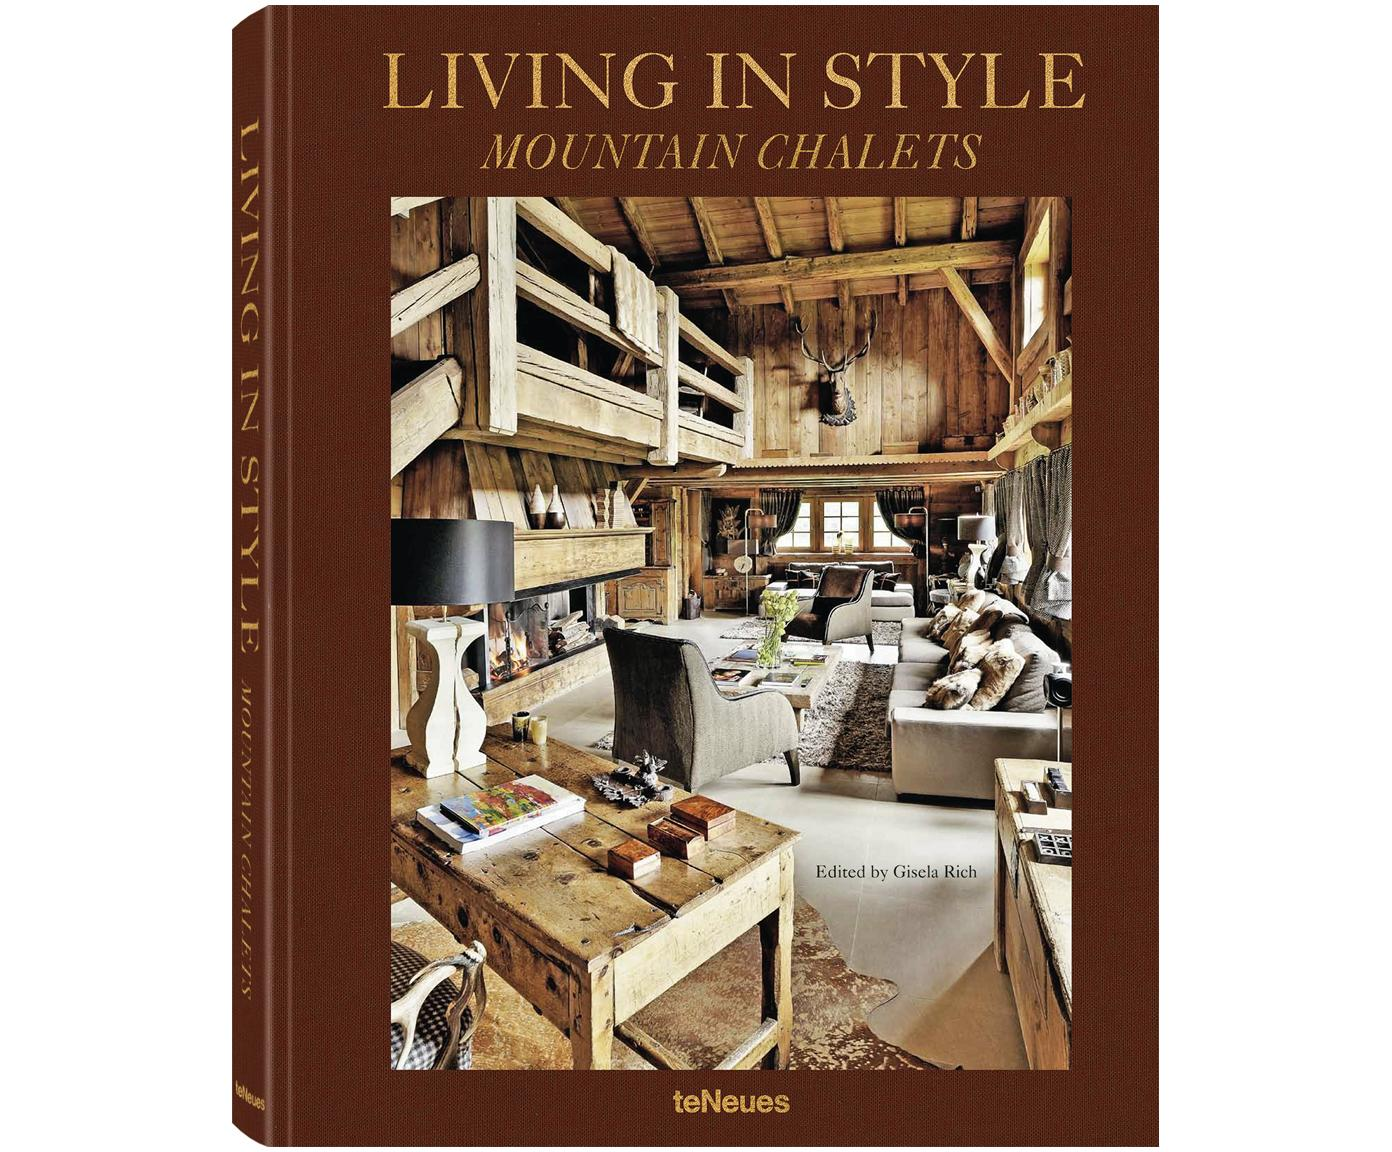 Album Living in Style - Mountain Chalets, Papier, twarda okładka, Wielobarwny, D 32 x S 25 cm